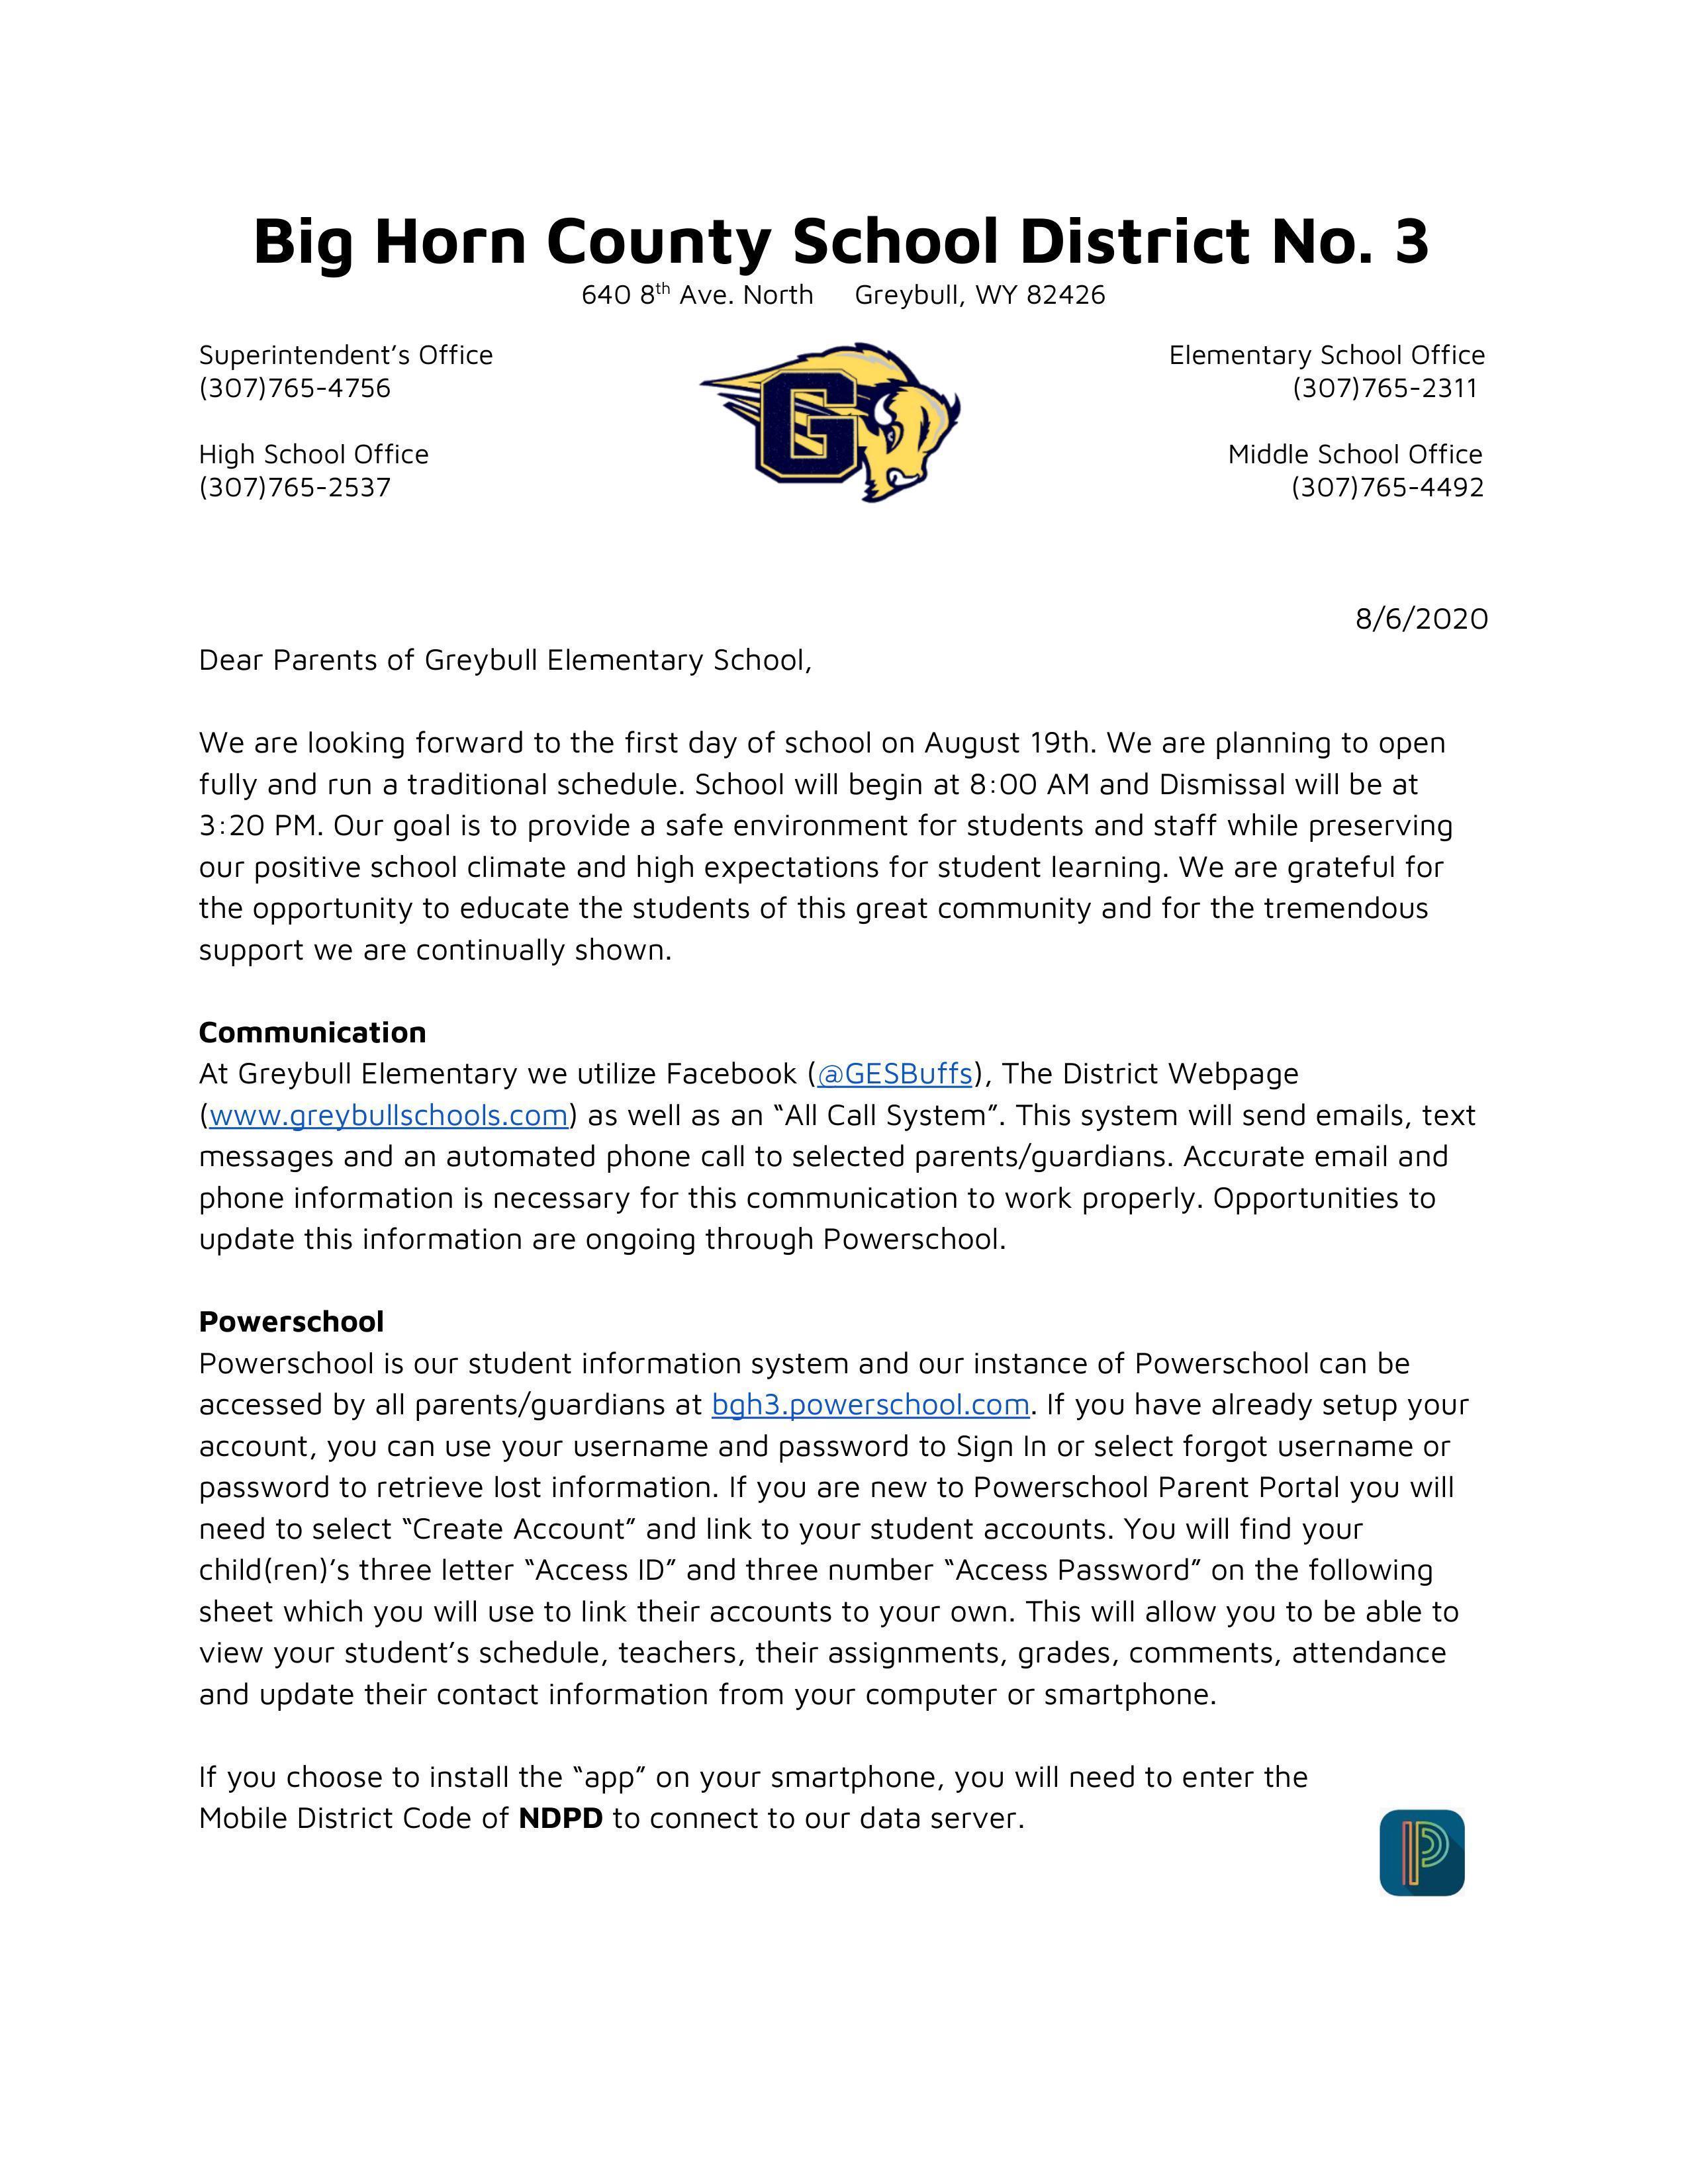 Parent Letter Page 1